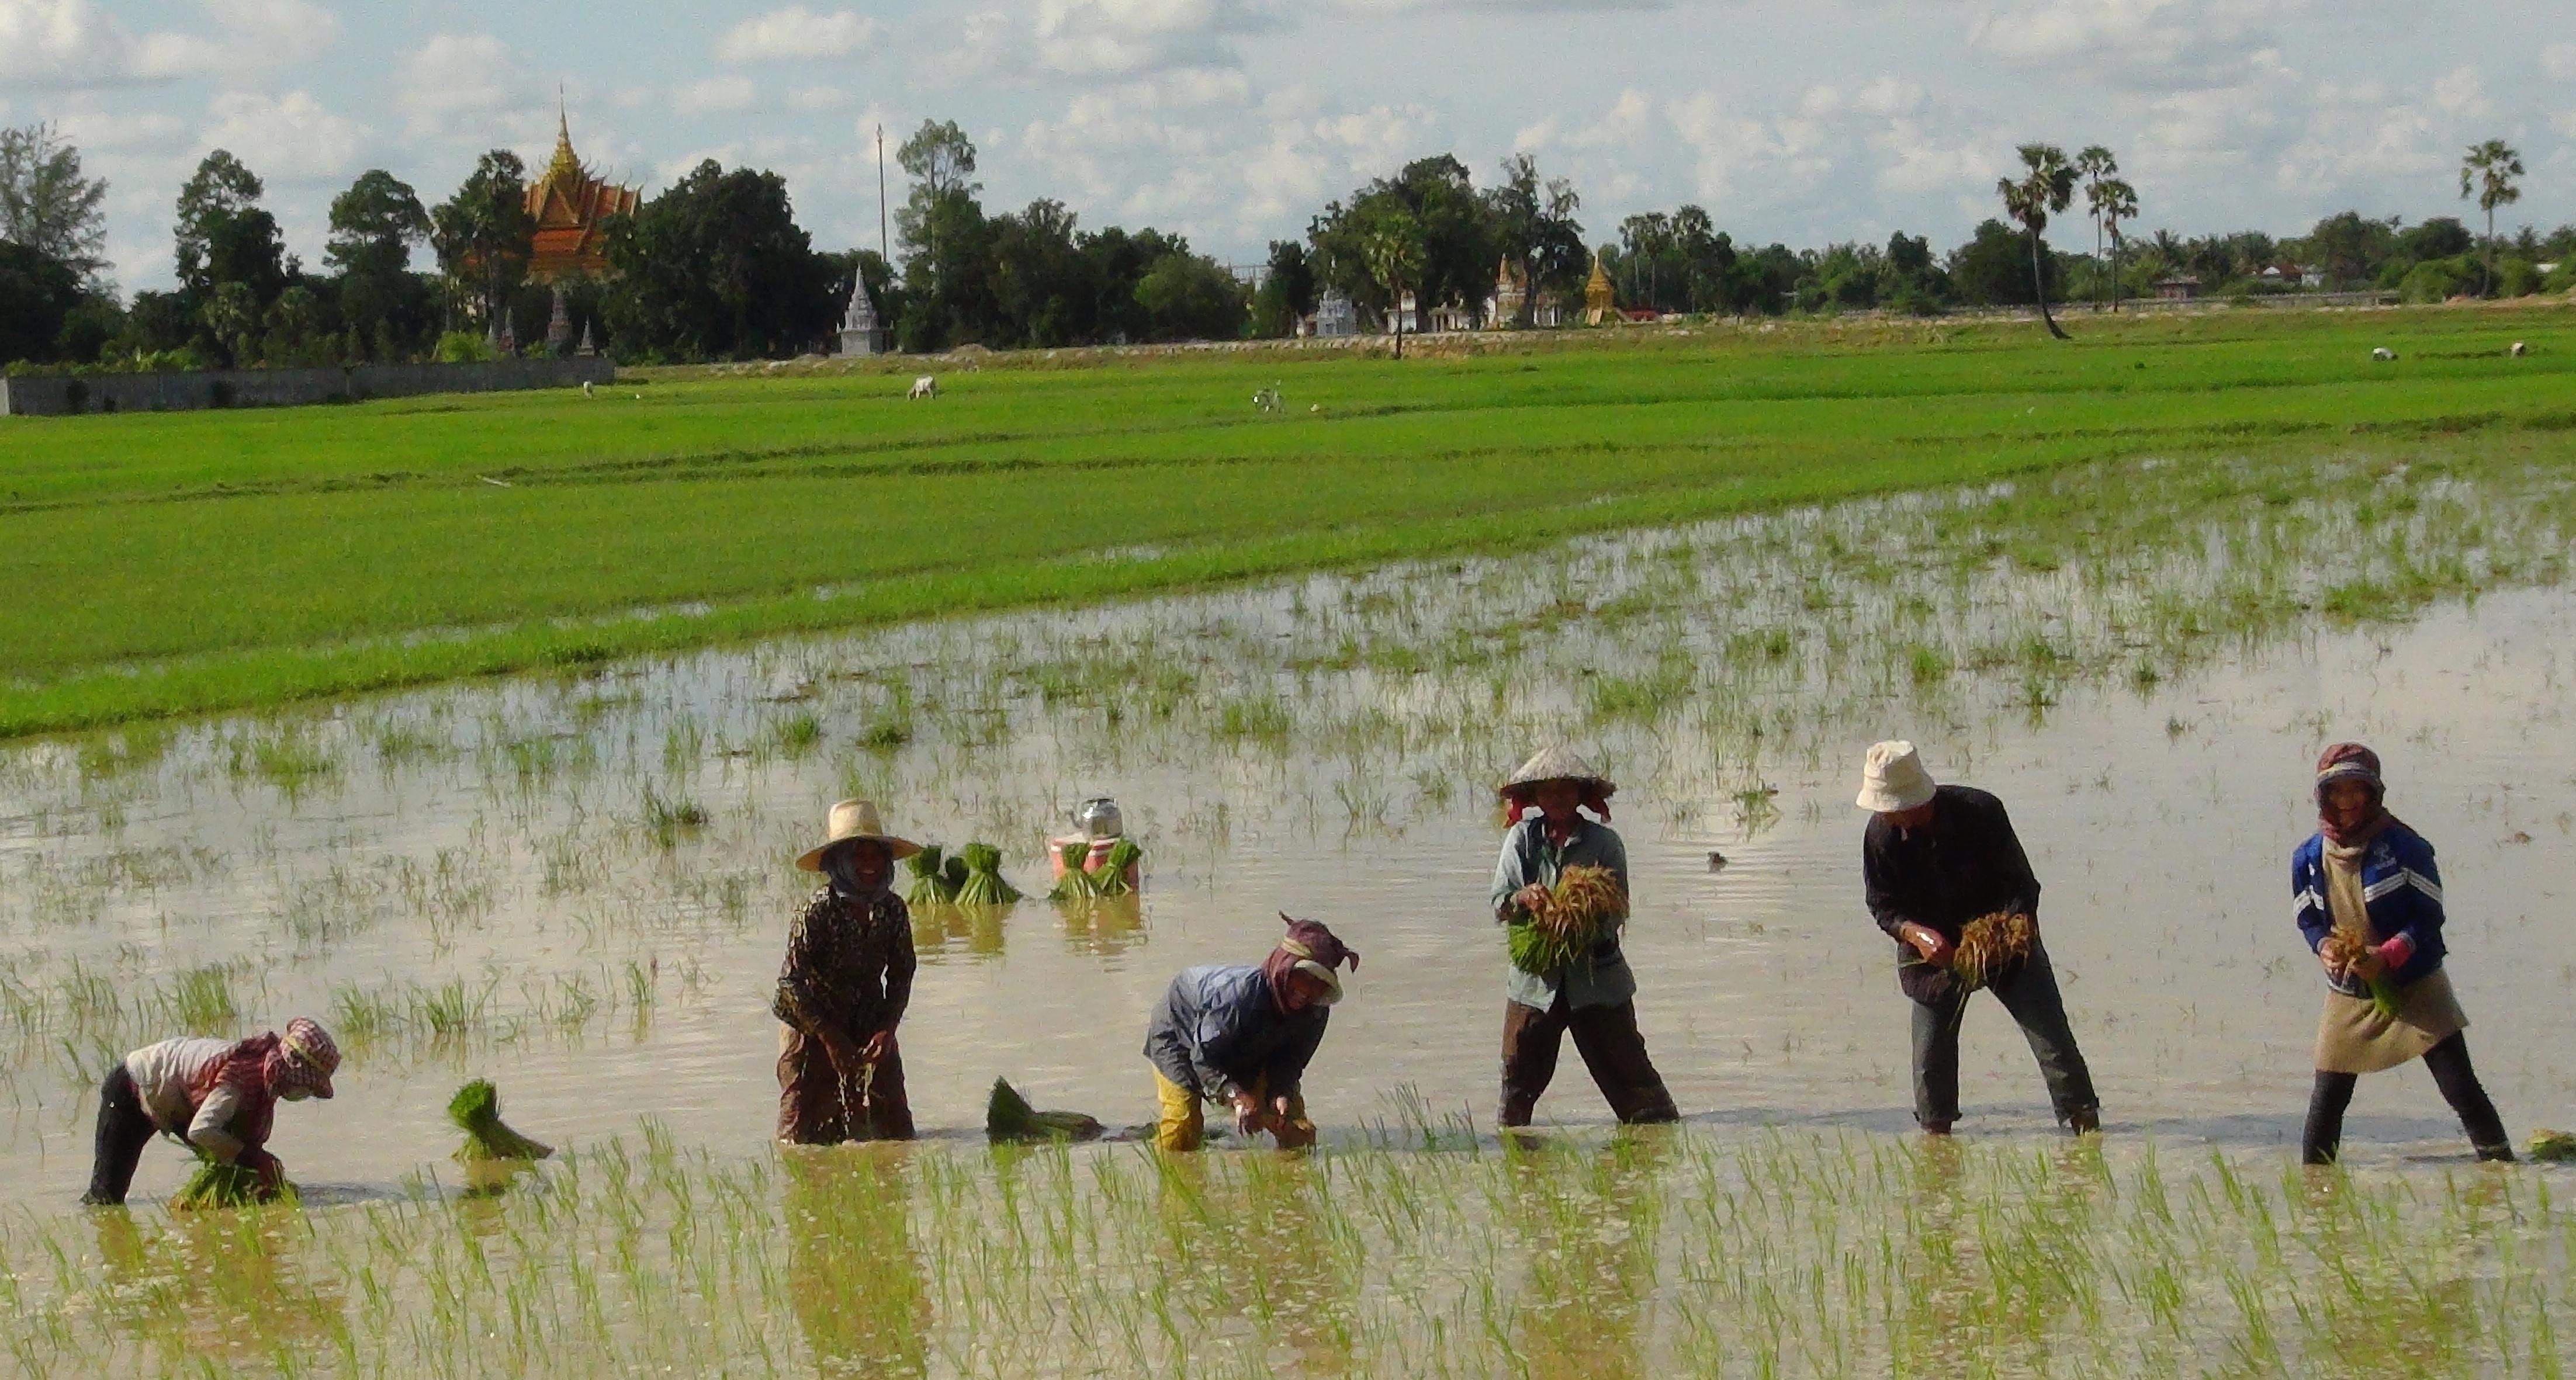 Transplanting rice in Cambodia